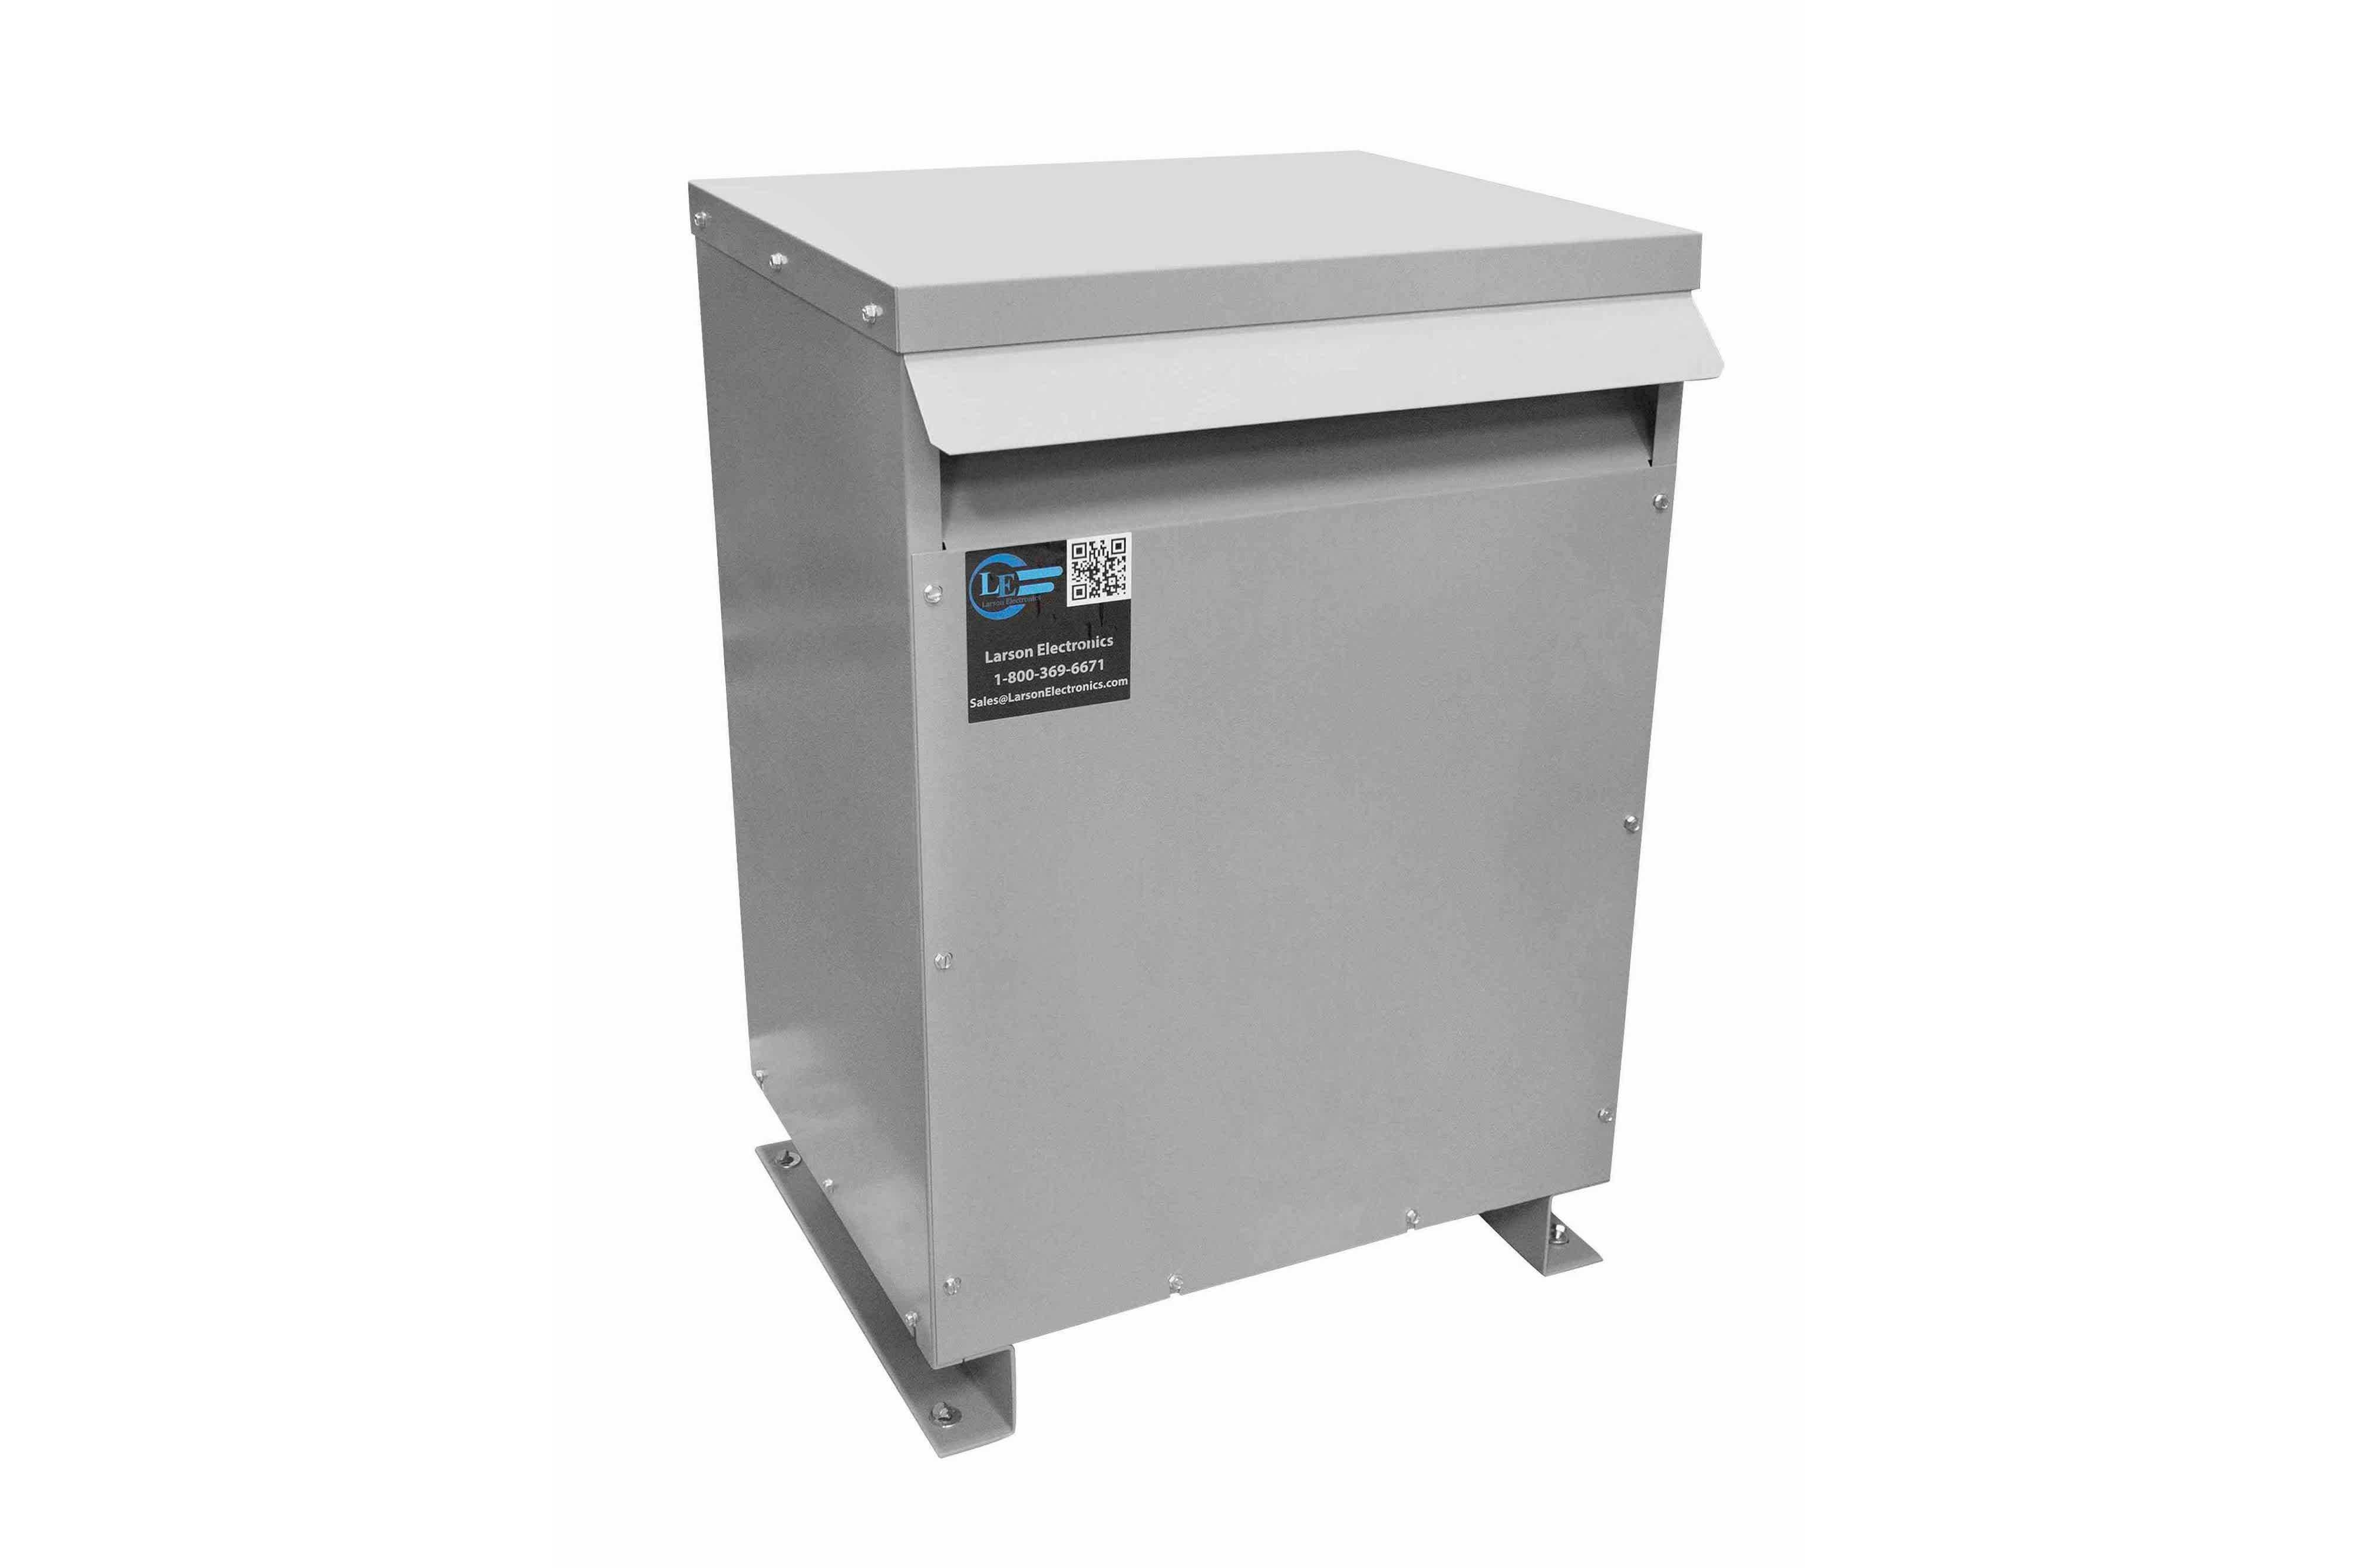 225 kVA 3PH Isolation Transformer, 575V Delta Primary, 480V Delta Secondary, N3R, Ventilated, 60 Hz